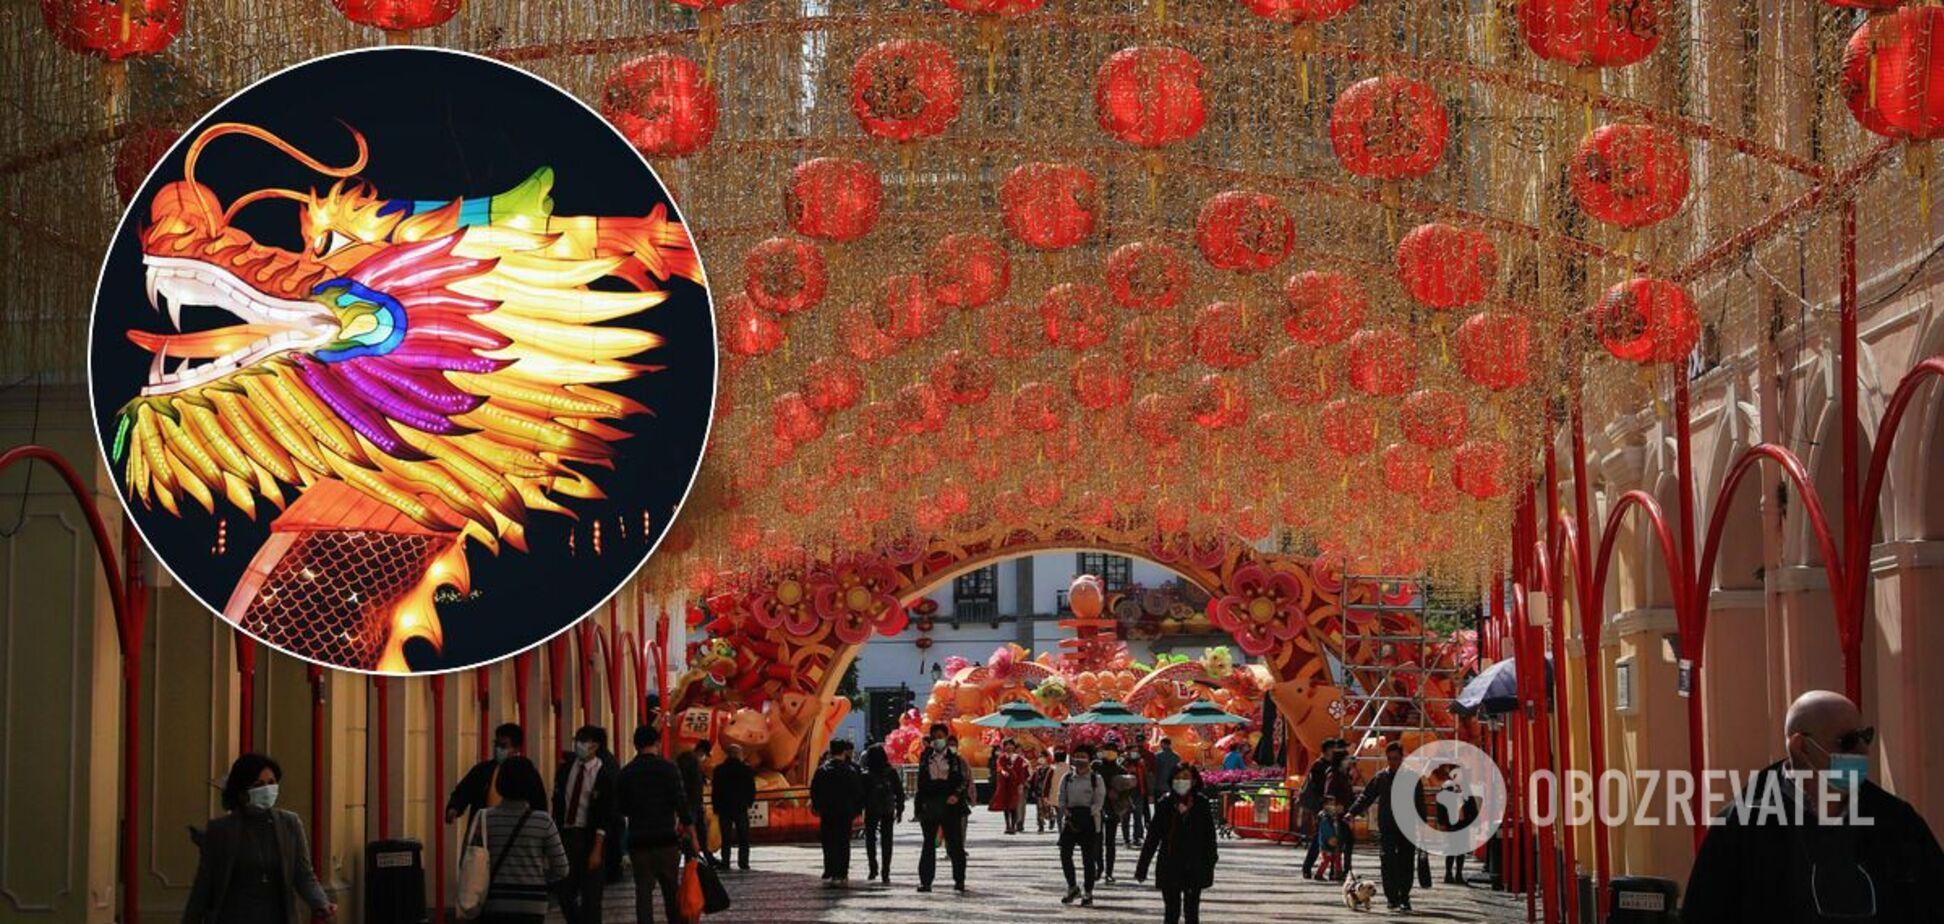 Історія святкування Нового року в Китаї налічує понад три тисячі років